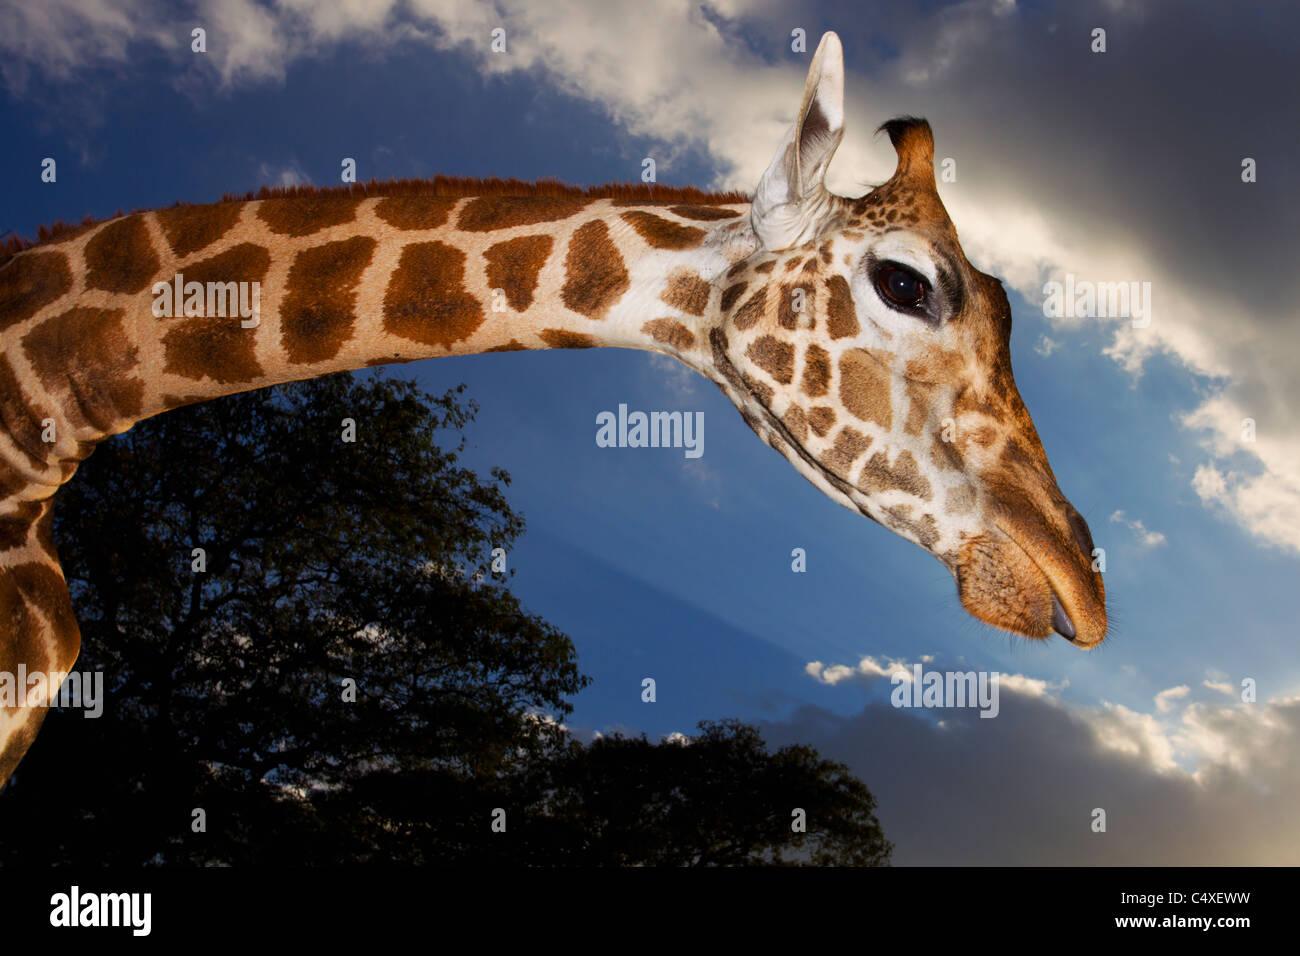 Giraffa Rothschild (Giraffa camelopardalis rothschildi) è una delle 9 sottospecie di giraffa.Giraffe Manor Immagini Stock